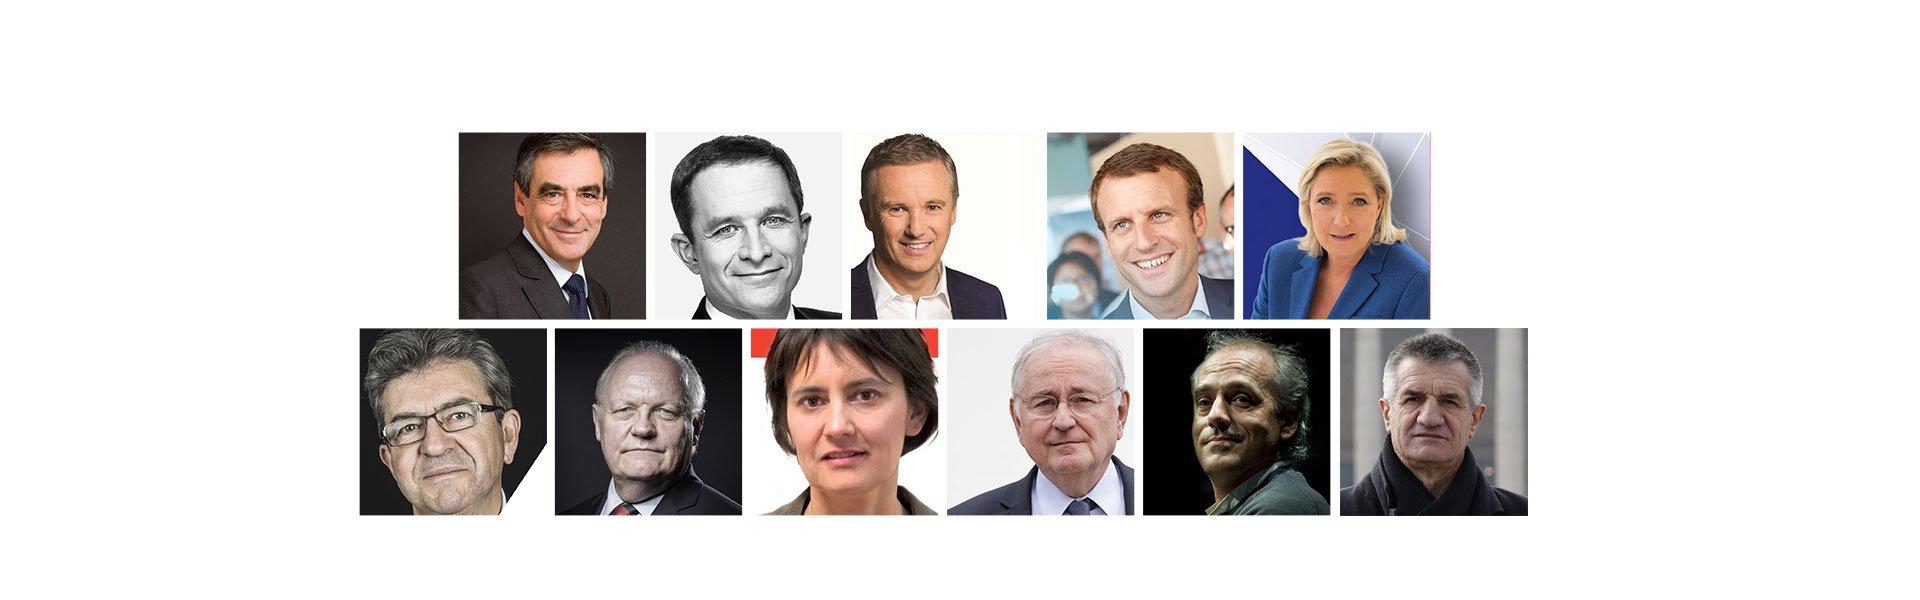 Élection présidentielle : la CR analyse les programmes